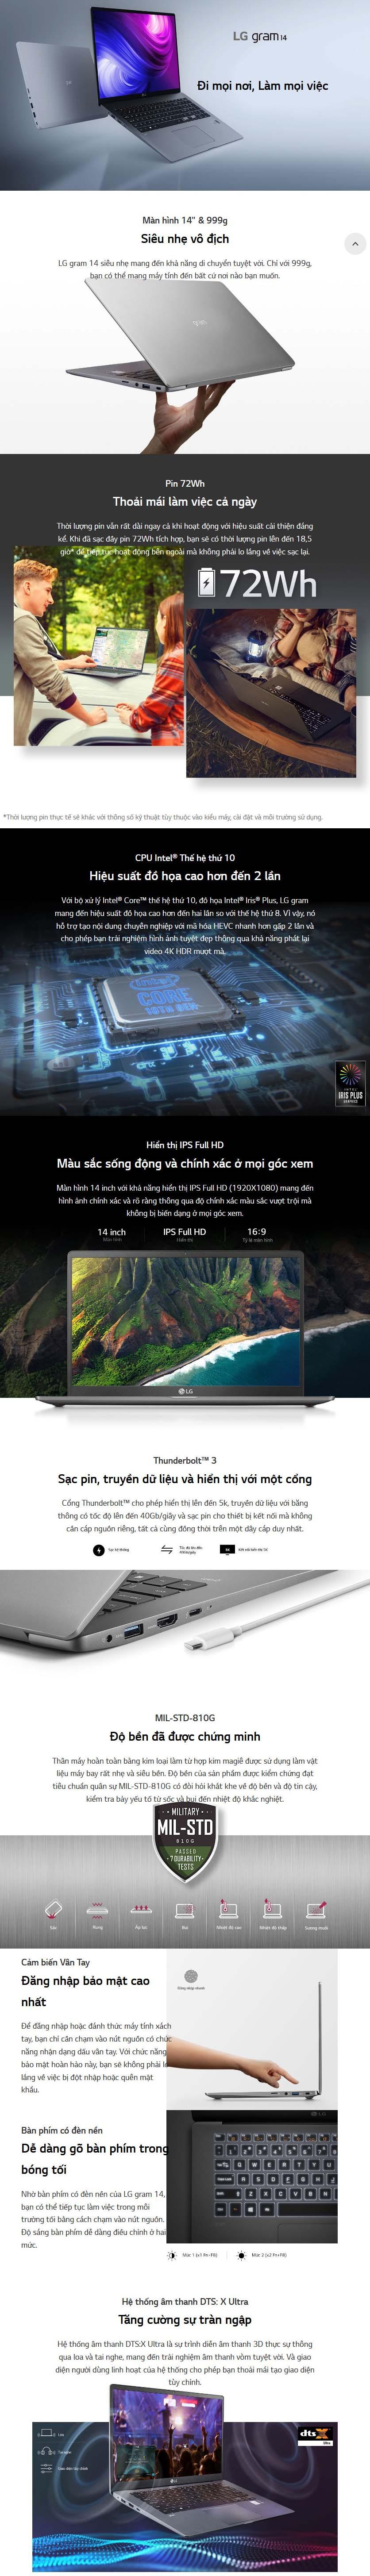 Laptop LG gram 14Z90N-V.AR52A5 overview